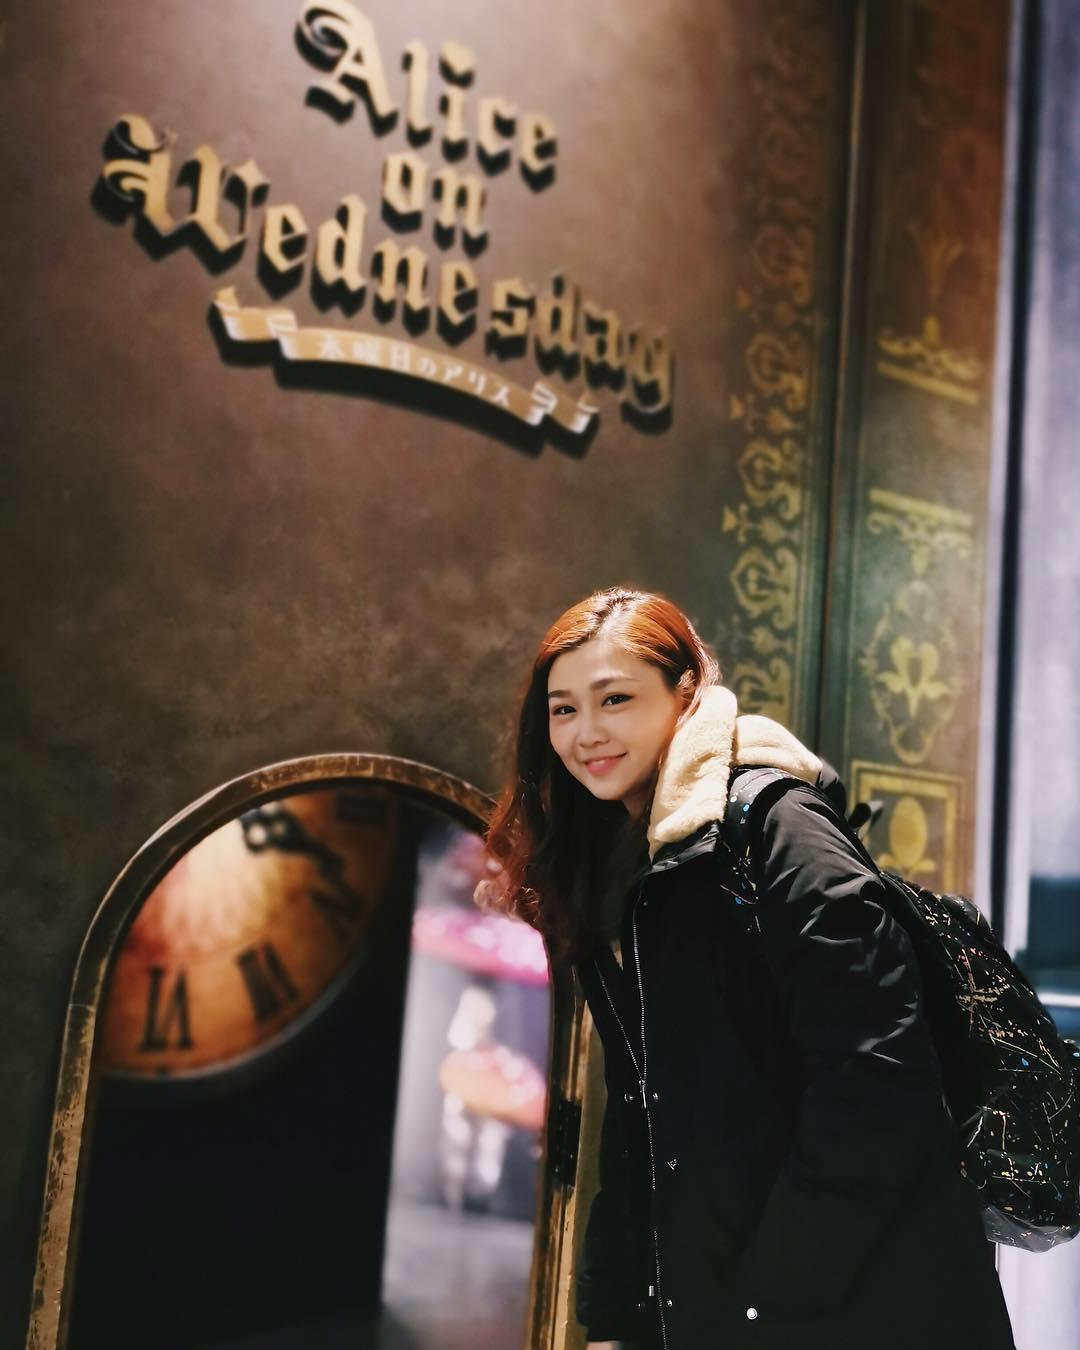 Alice on Wednesday, Tokyo, Japan. instagram.com/ayumijanielle